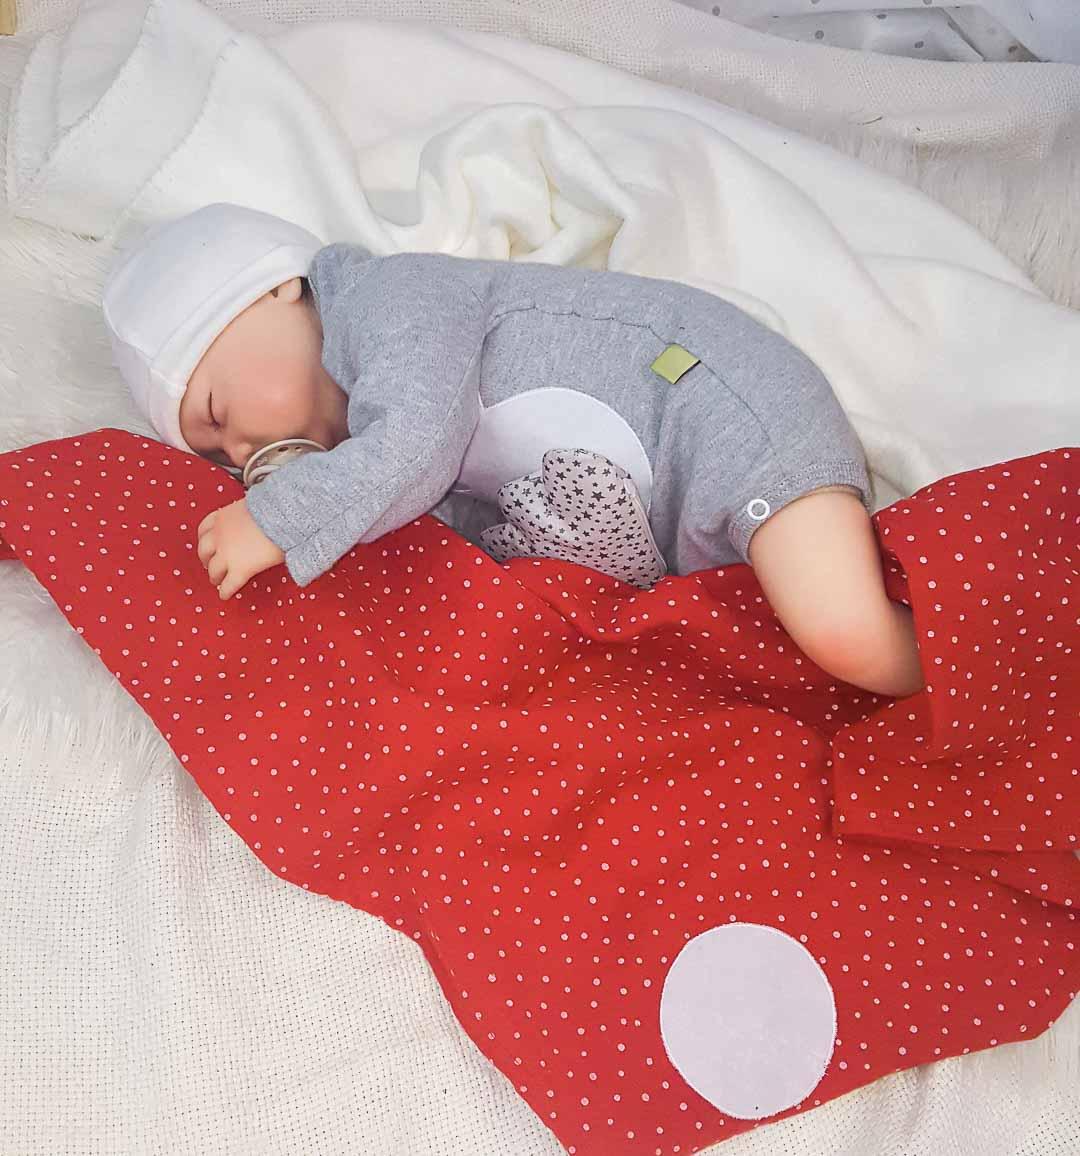 Musselin-Tuch in rot-weiß, selbsthaftende Wärmekissen Wolke, schlafendes Baby